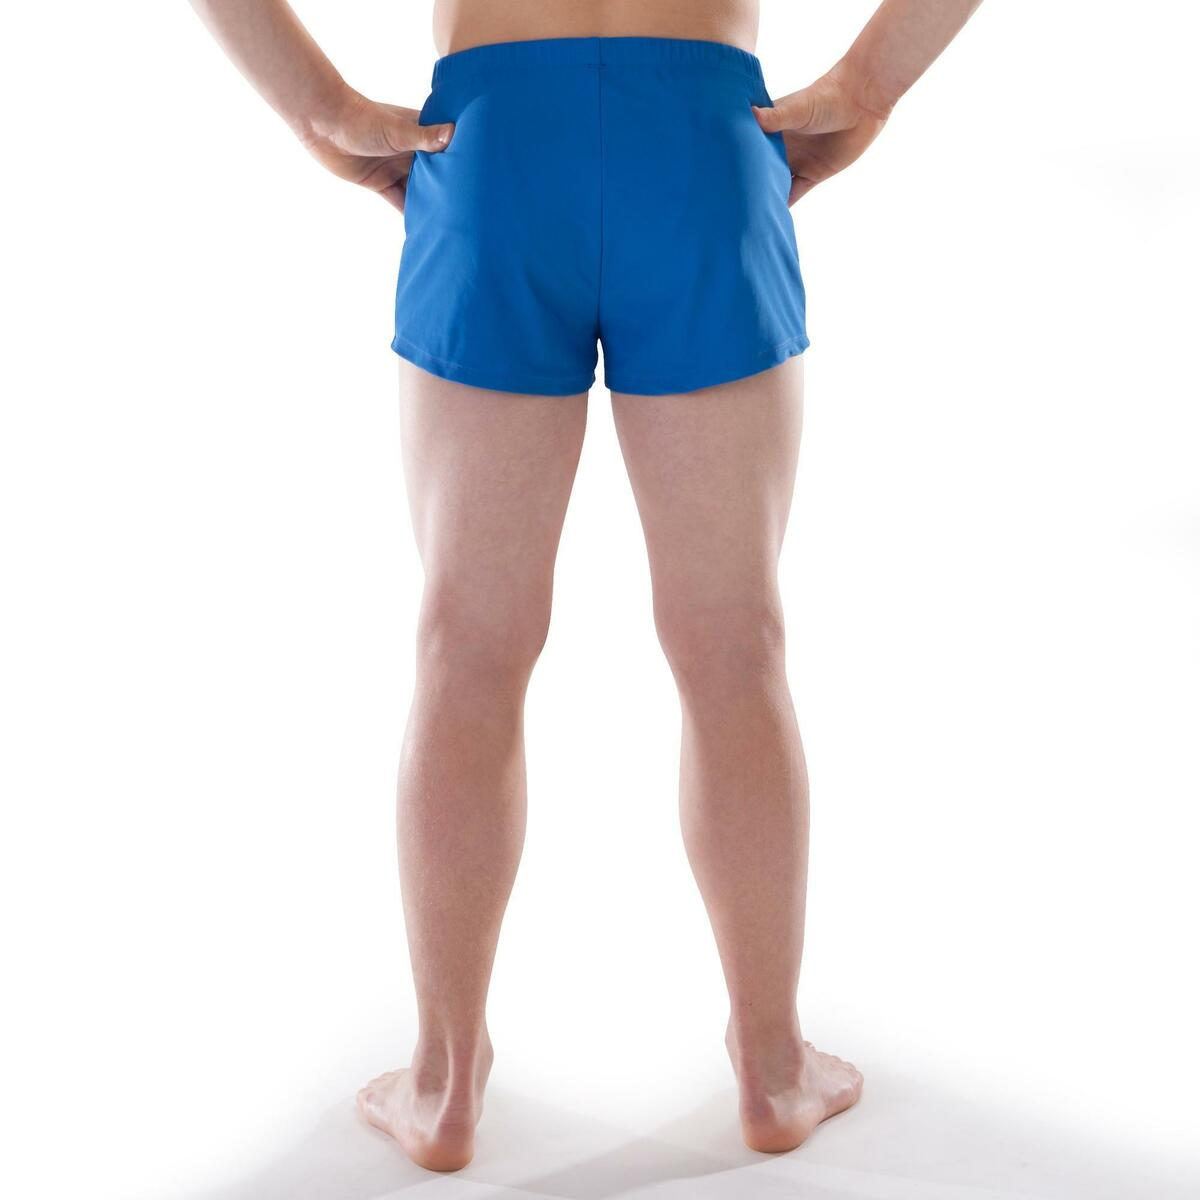 Bild 4 von Gymnastikhose kurz 500 Jungen Herren blau